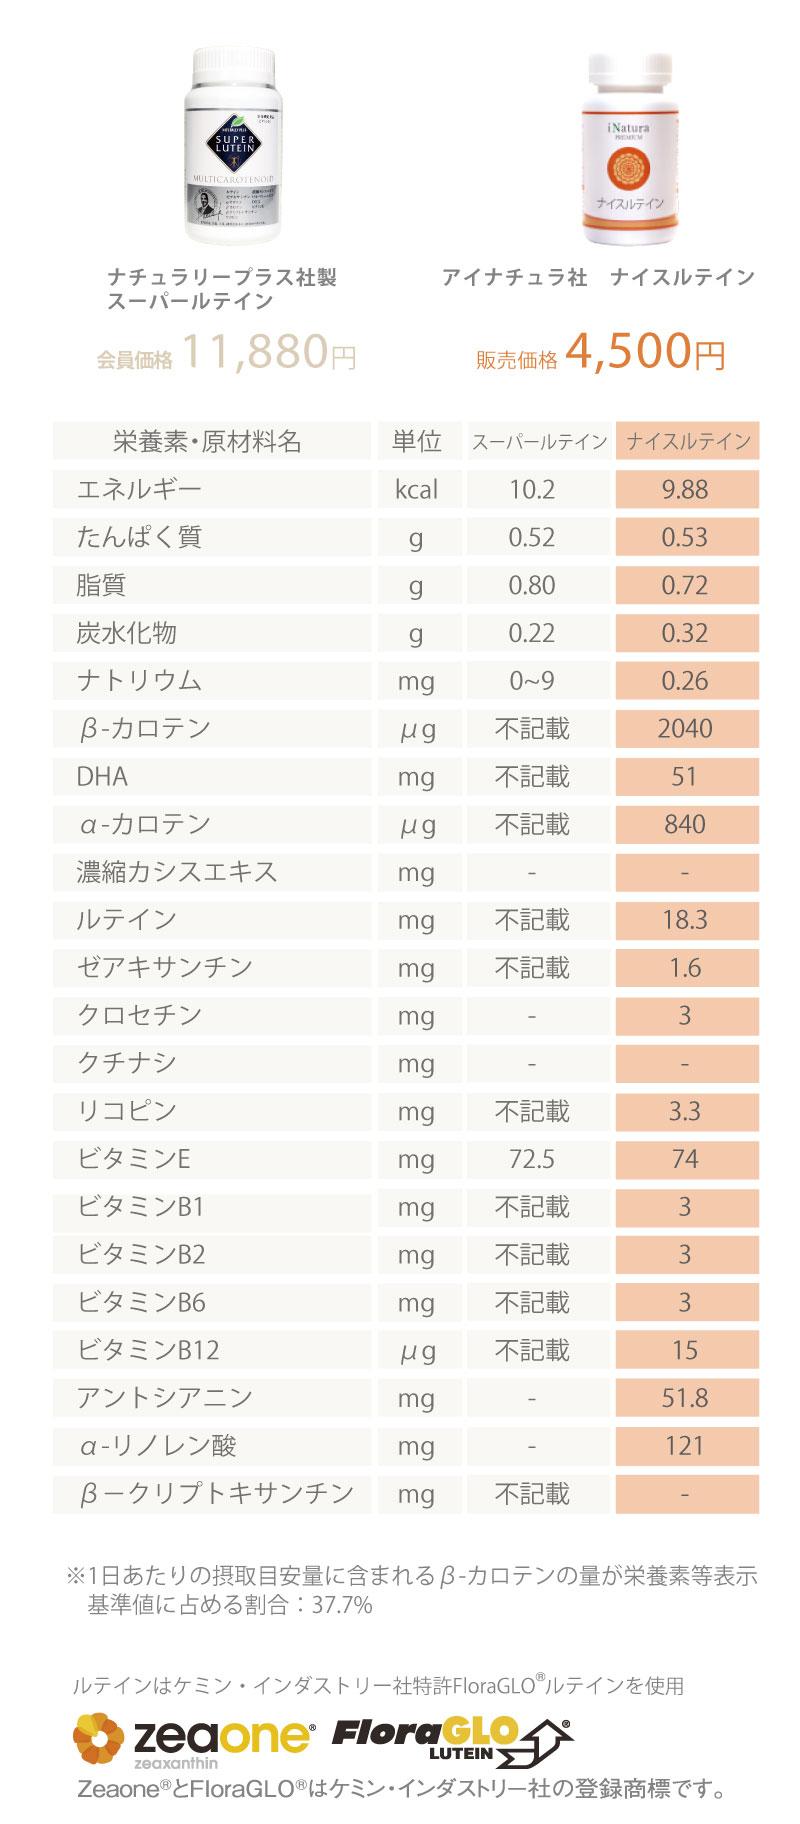 ナチュラリープラス社スーパールテインとアイナチュラ社ナイスルテインの1日分の栄養成分表